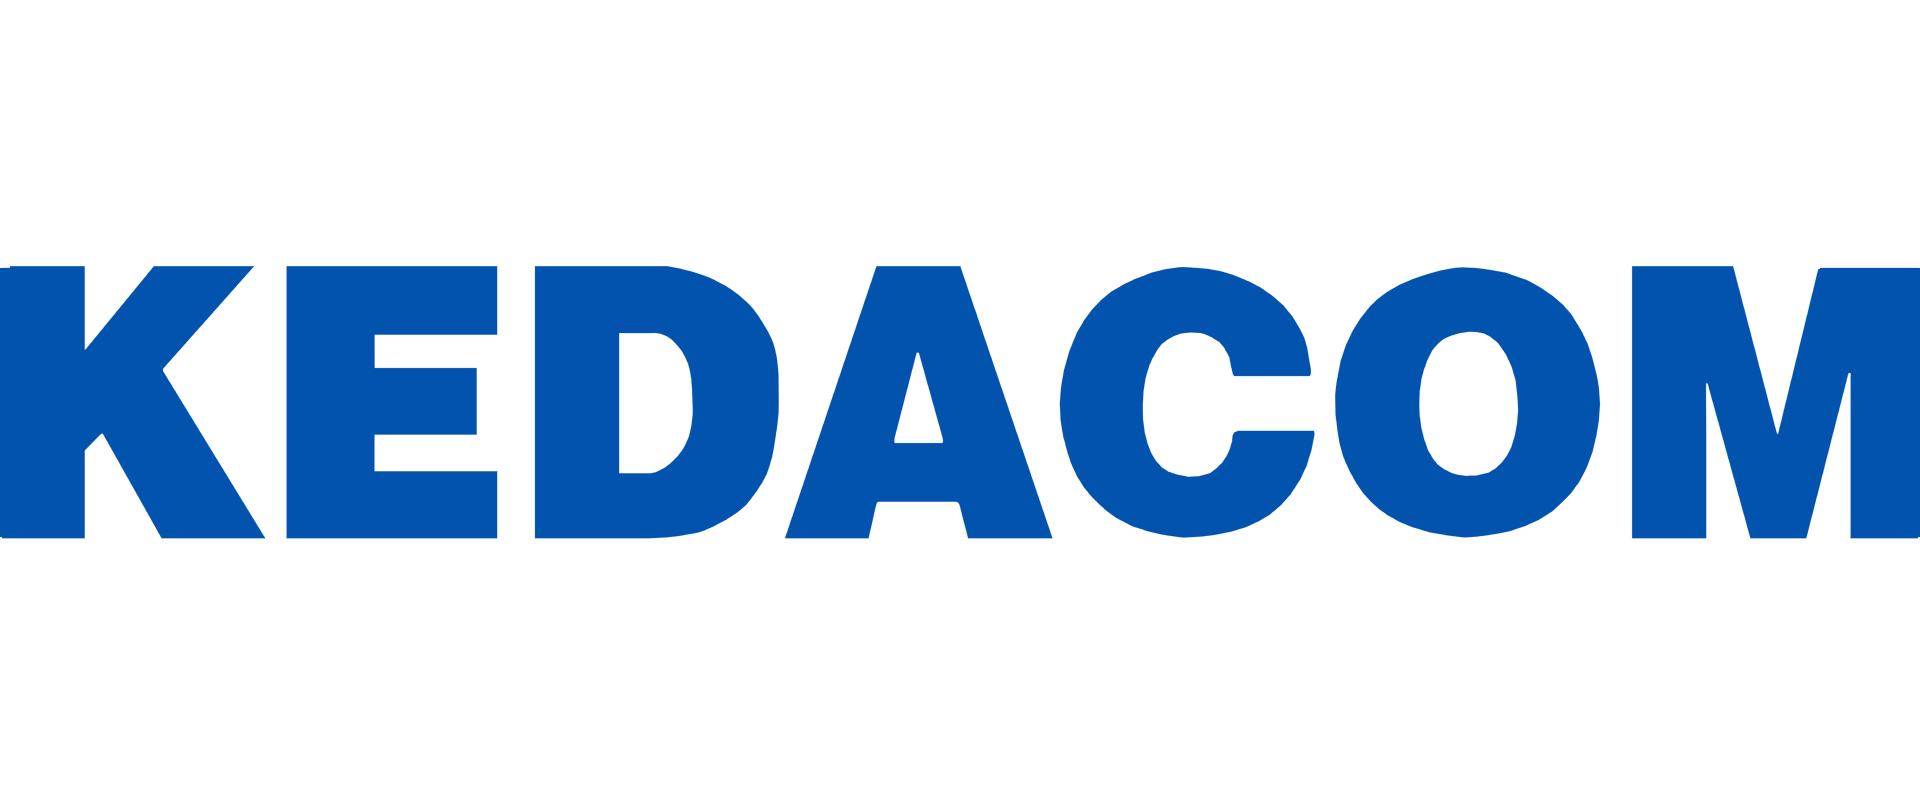 苏州科达科技股份有限公司 (科达KEDACOM)概况——科达KEDACOM产品品牌商标LOGO标志